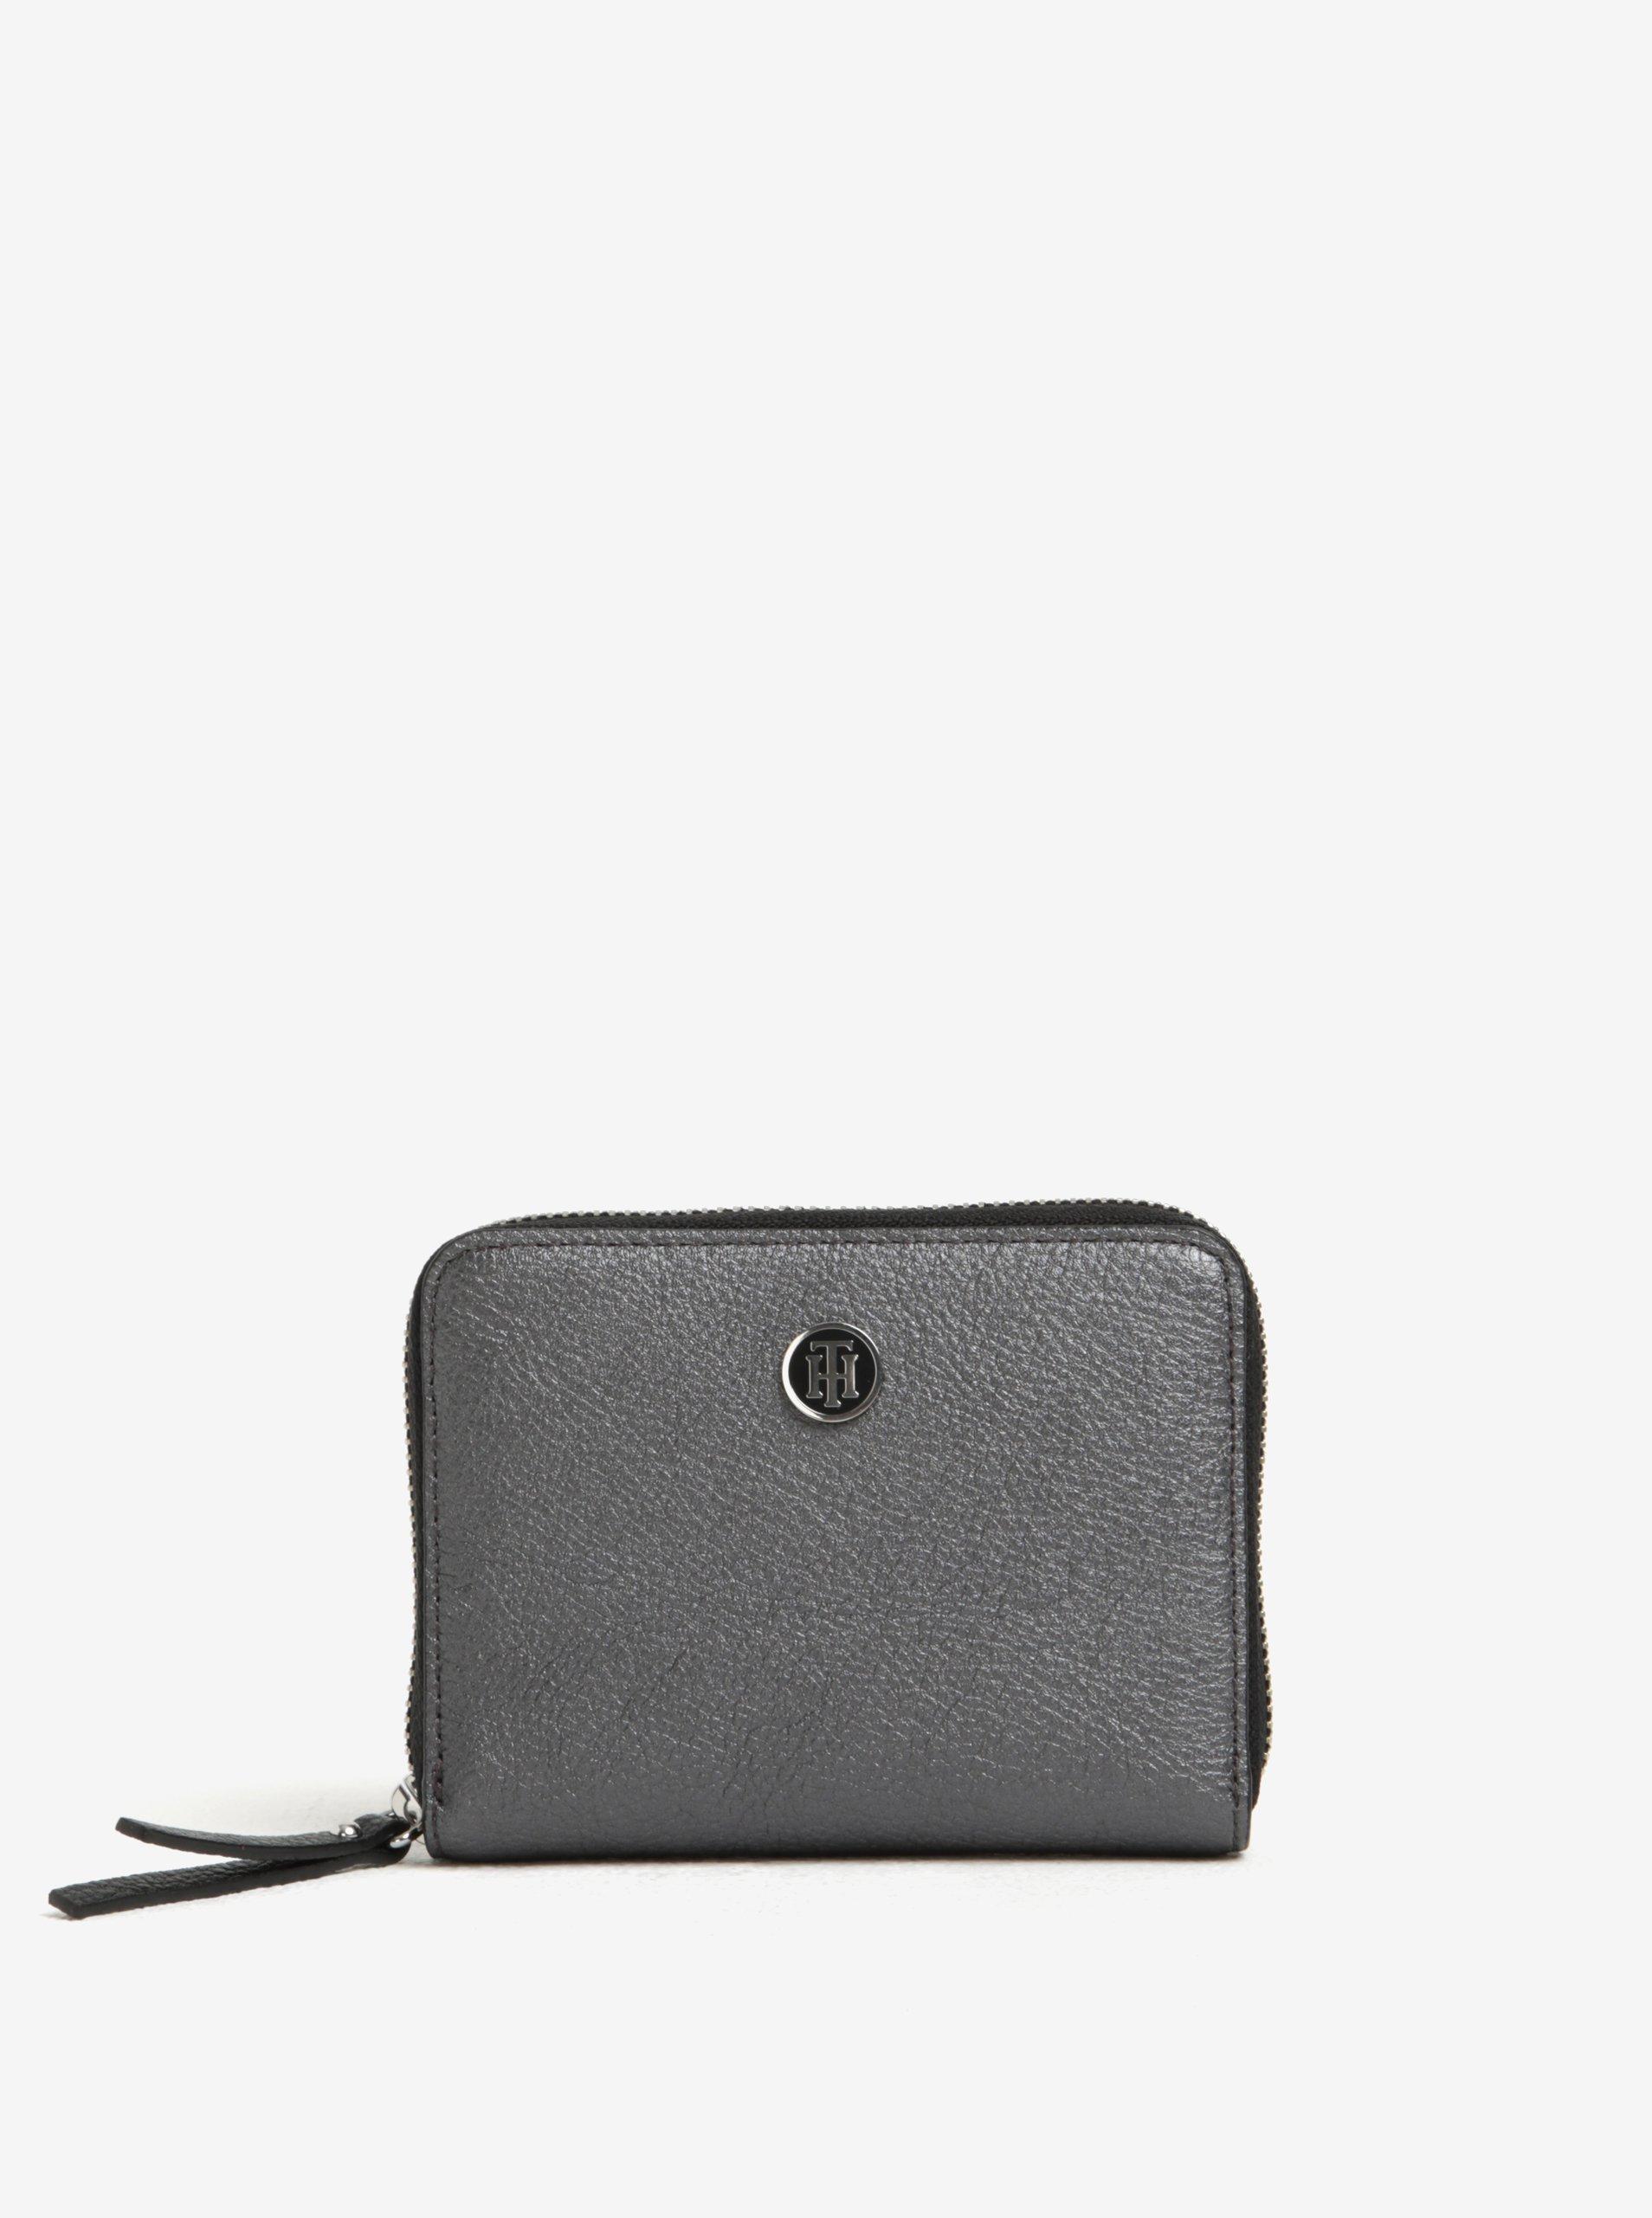 Tmavě šedá dámská metalická peněženka Tommy Hilfiger